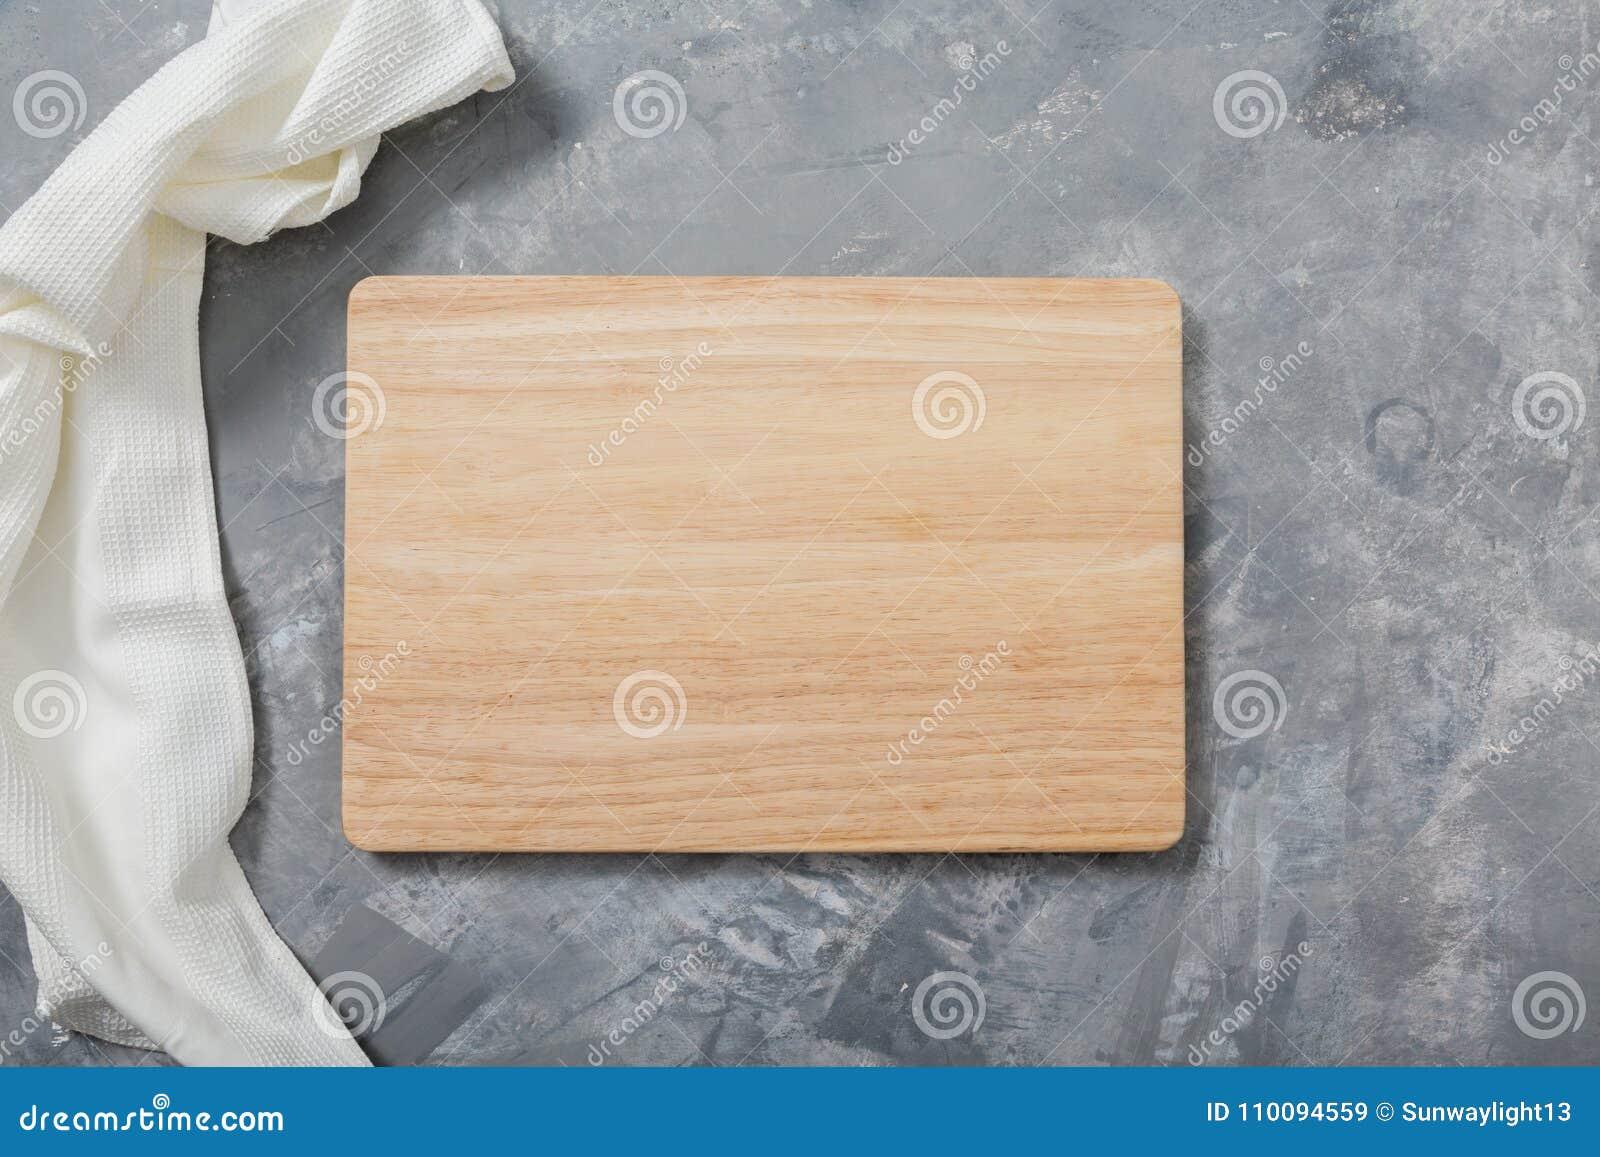 Tarjeta De Corte De Madera Para Cocinar La Comida Accesorios ...